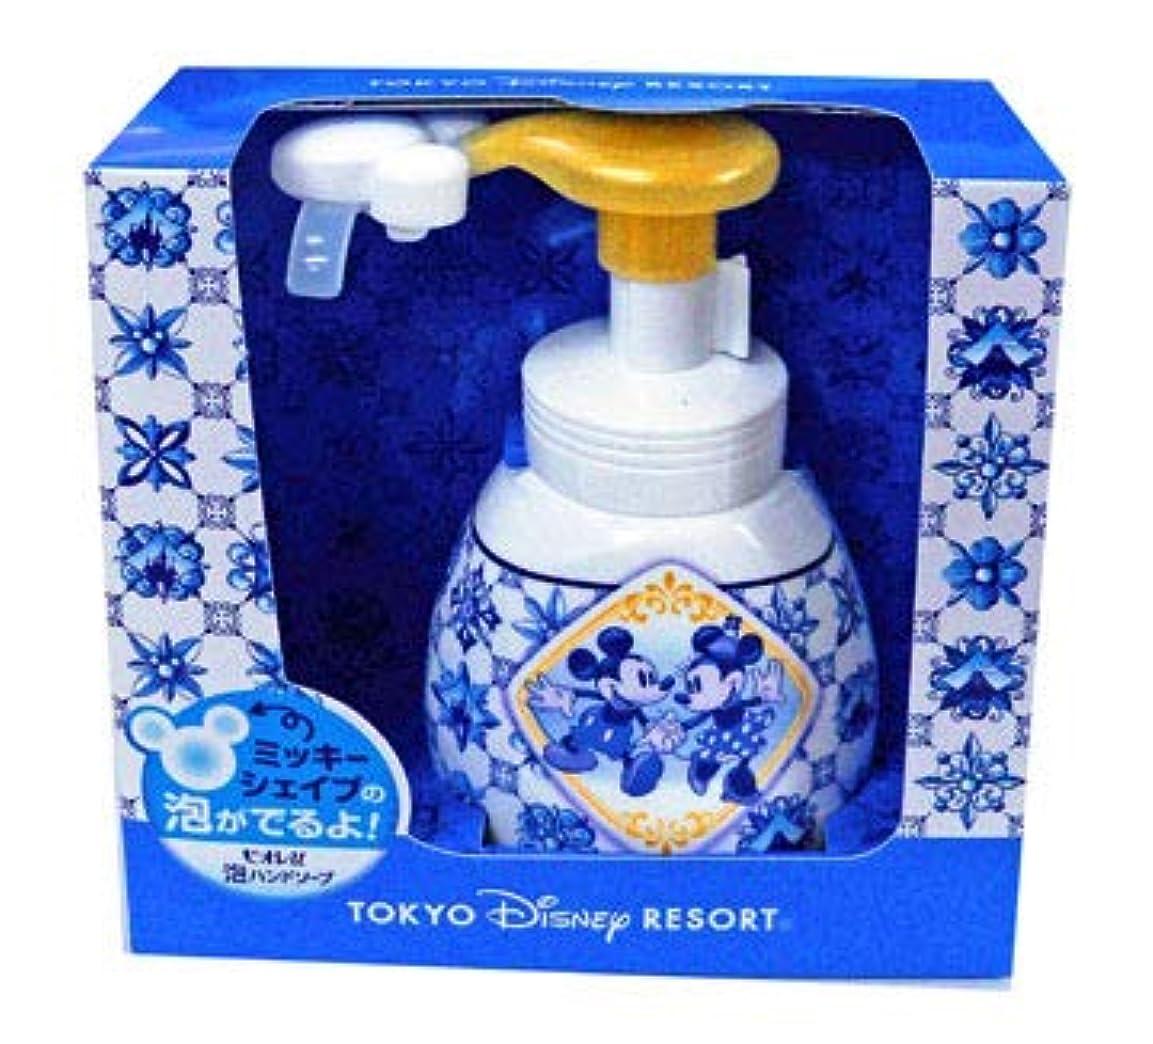 湖威する提唱する泡ハンドソープ(新デザイン) 東京ディズニーリゾート ミッキーとミニー柄  おみやげ